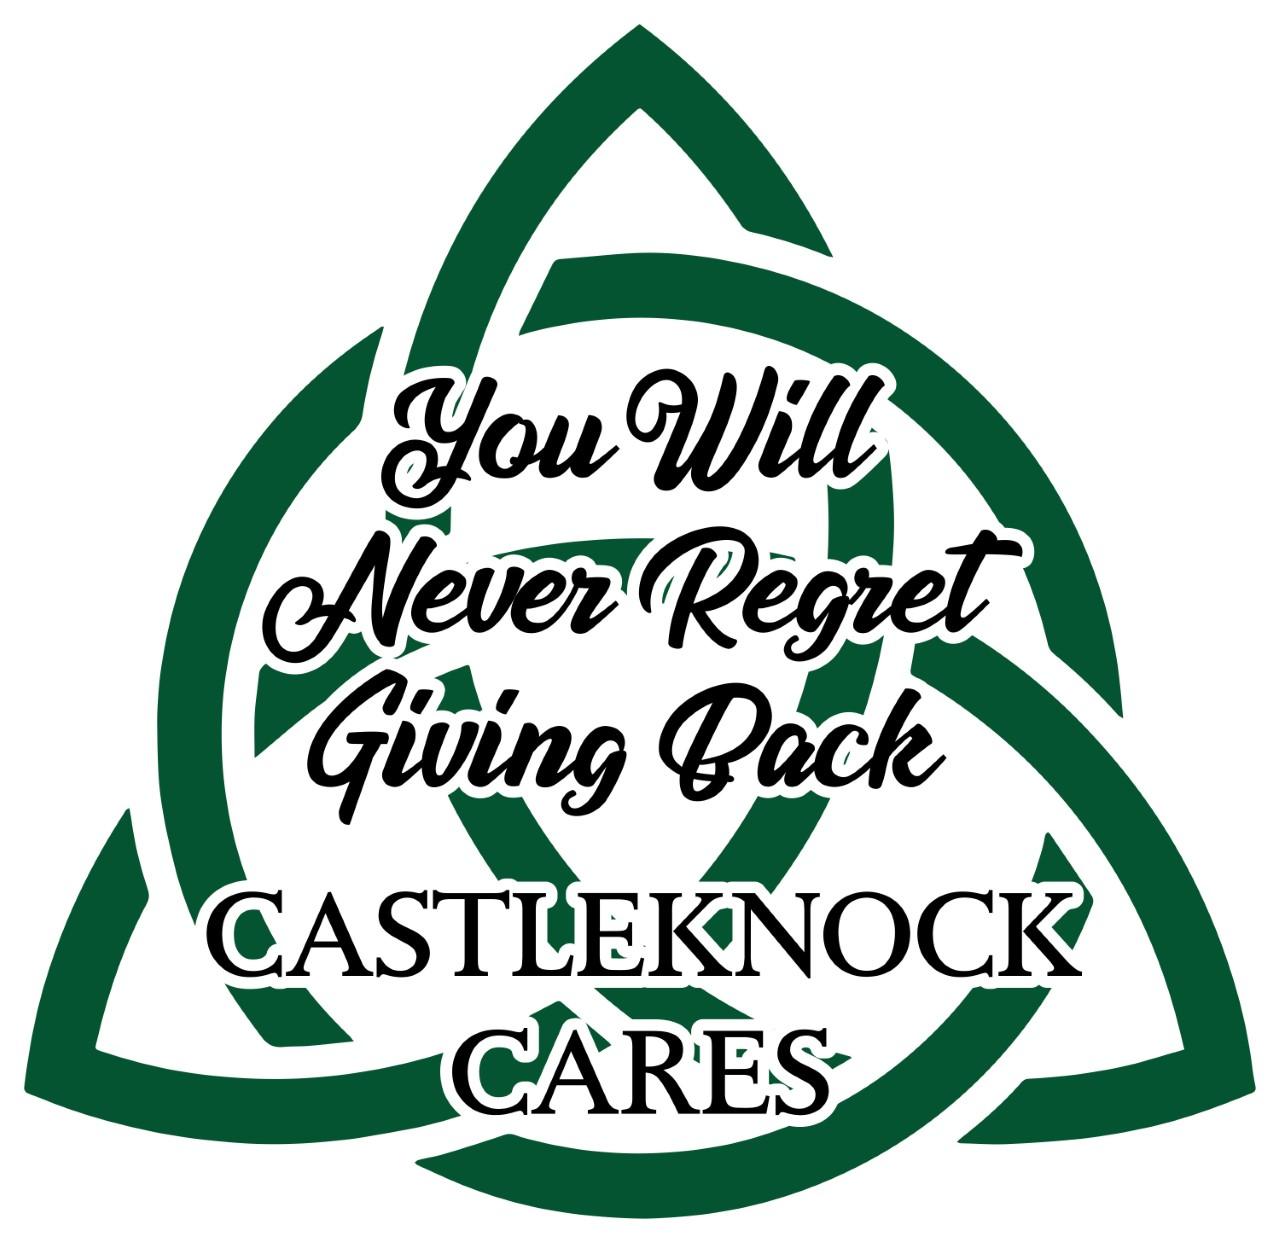 Castleknock Cares Logo